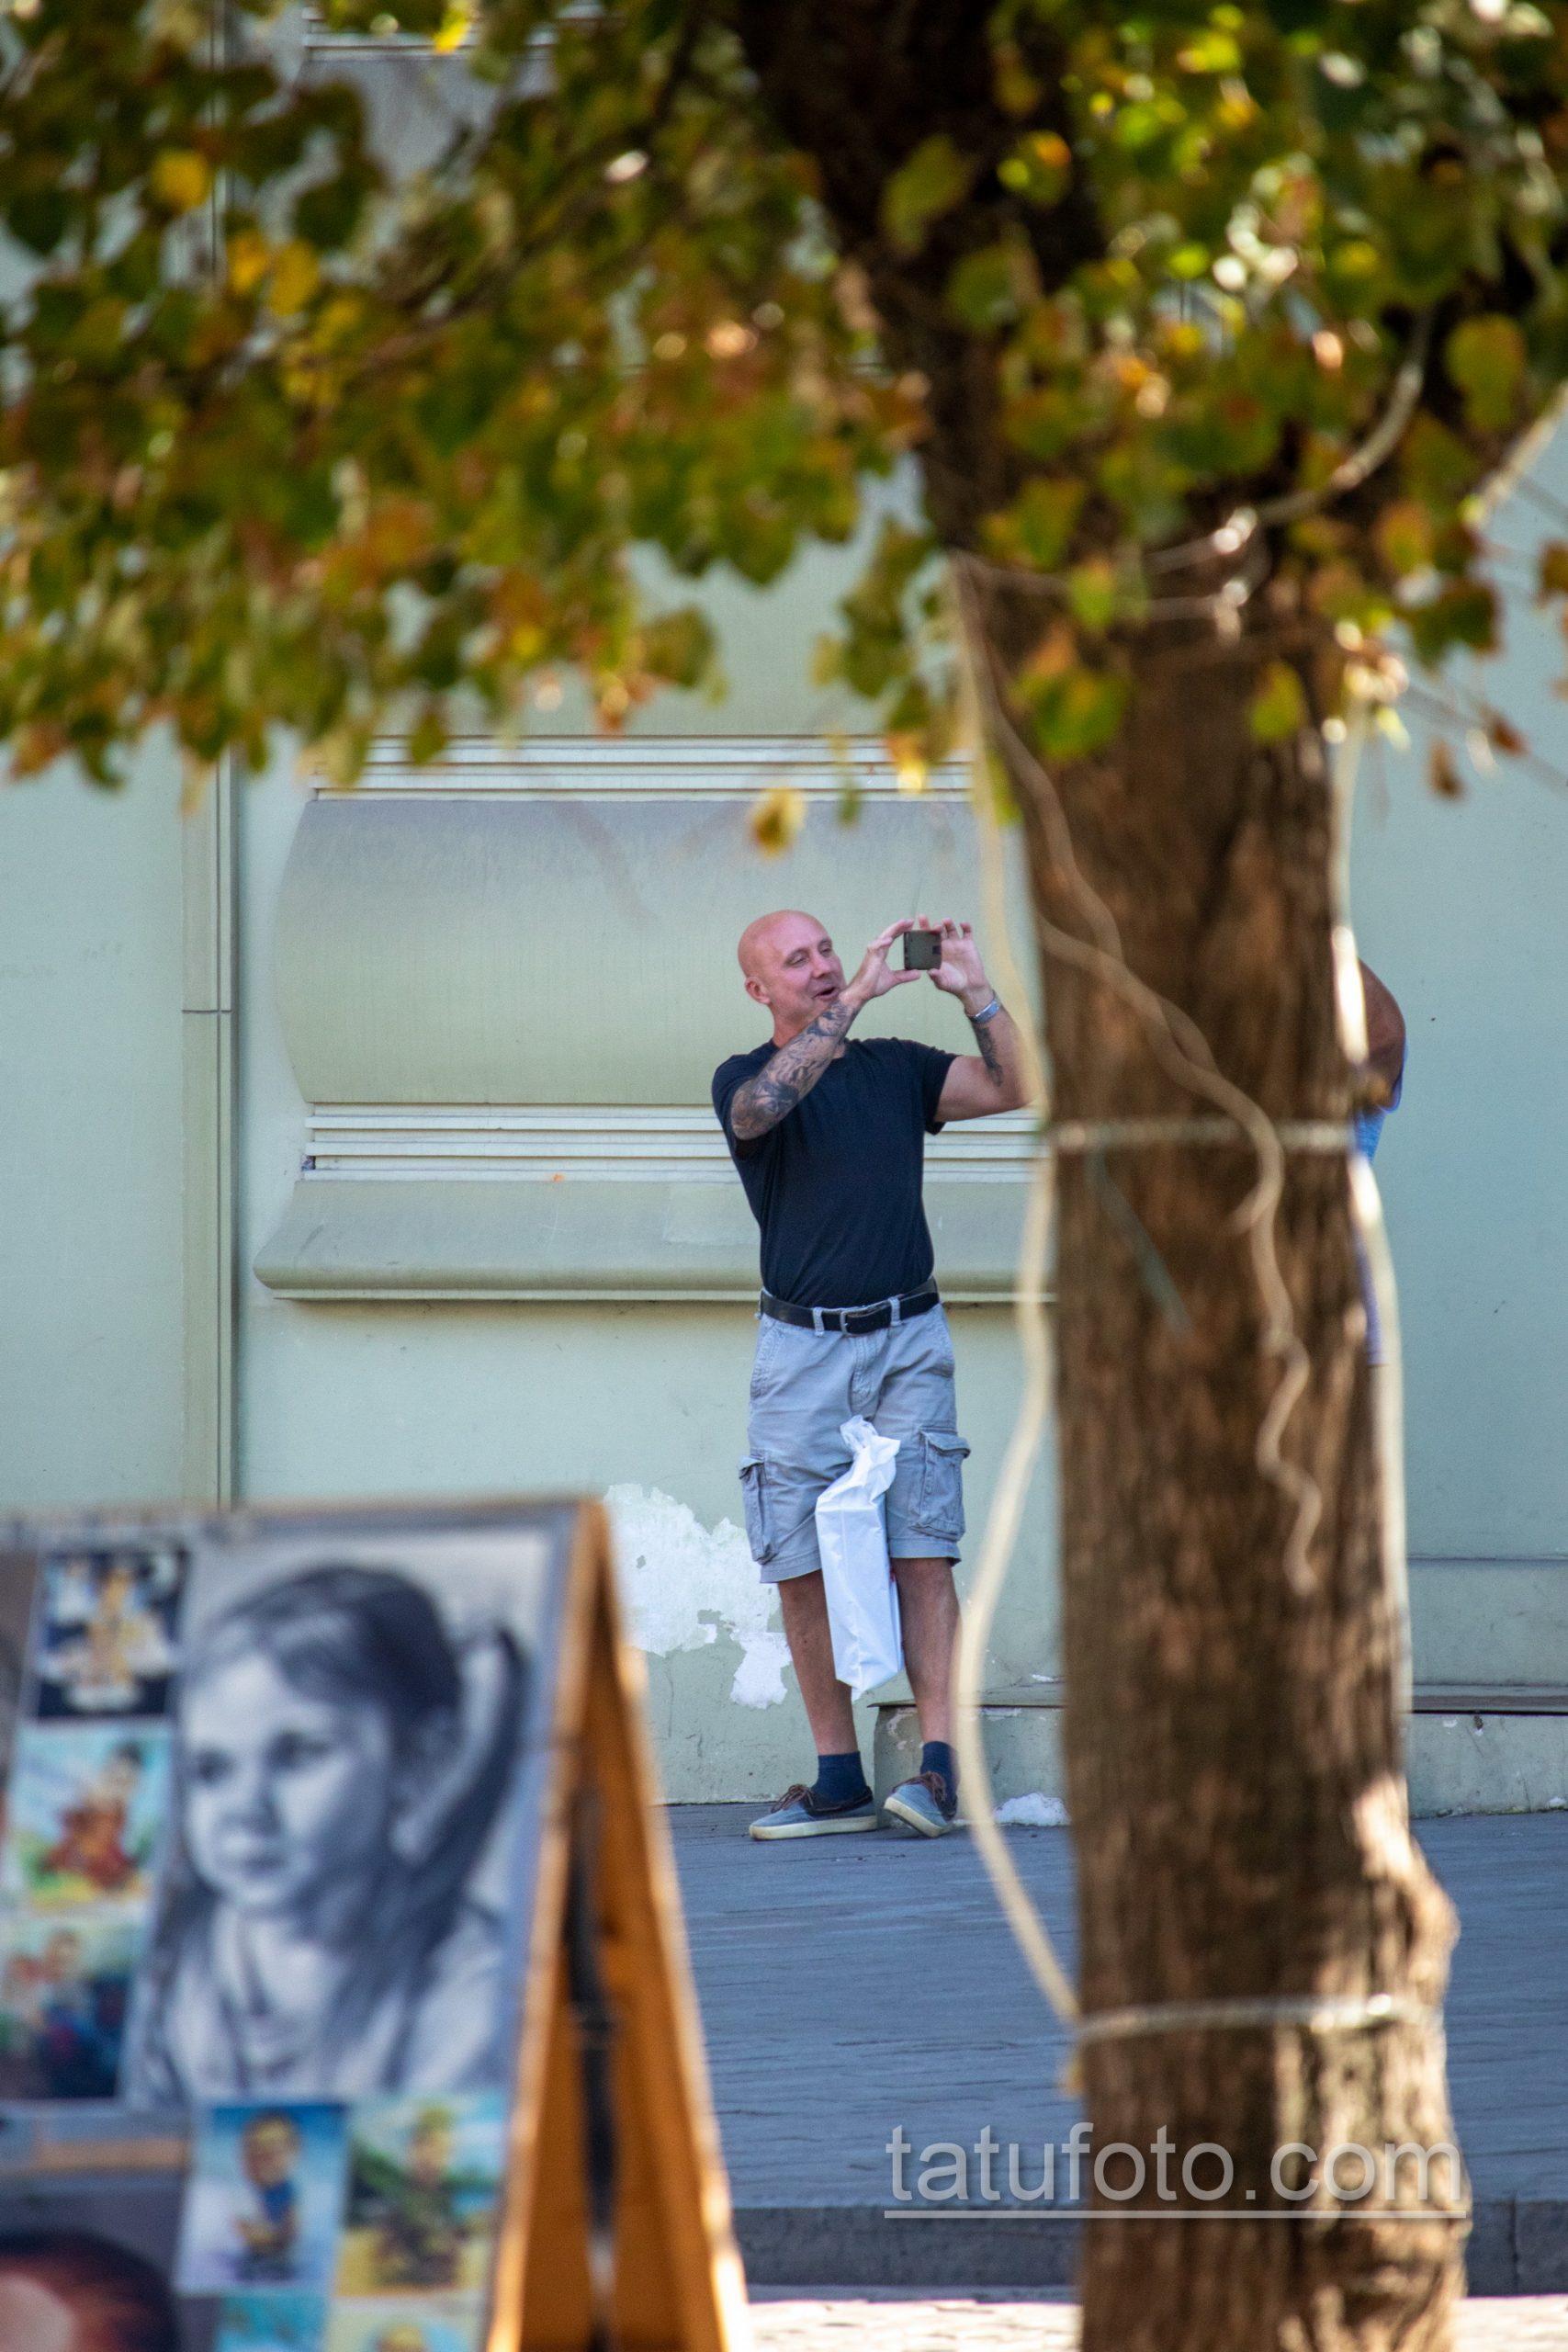 Рукав тату с часами и лицом девушки на правой руке взрослого мужчины - Уличная татуировка 14.09.2020 – tatufoto.com 6